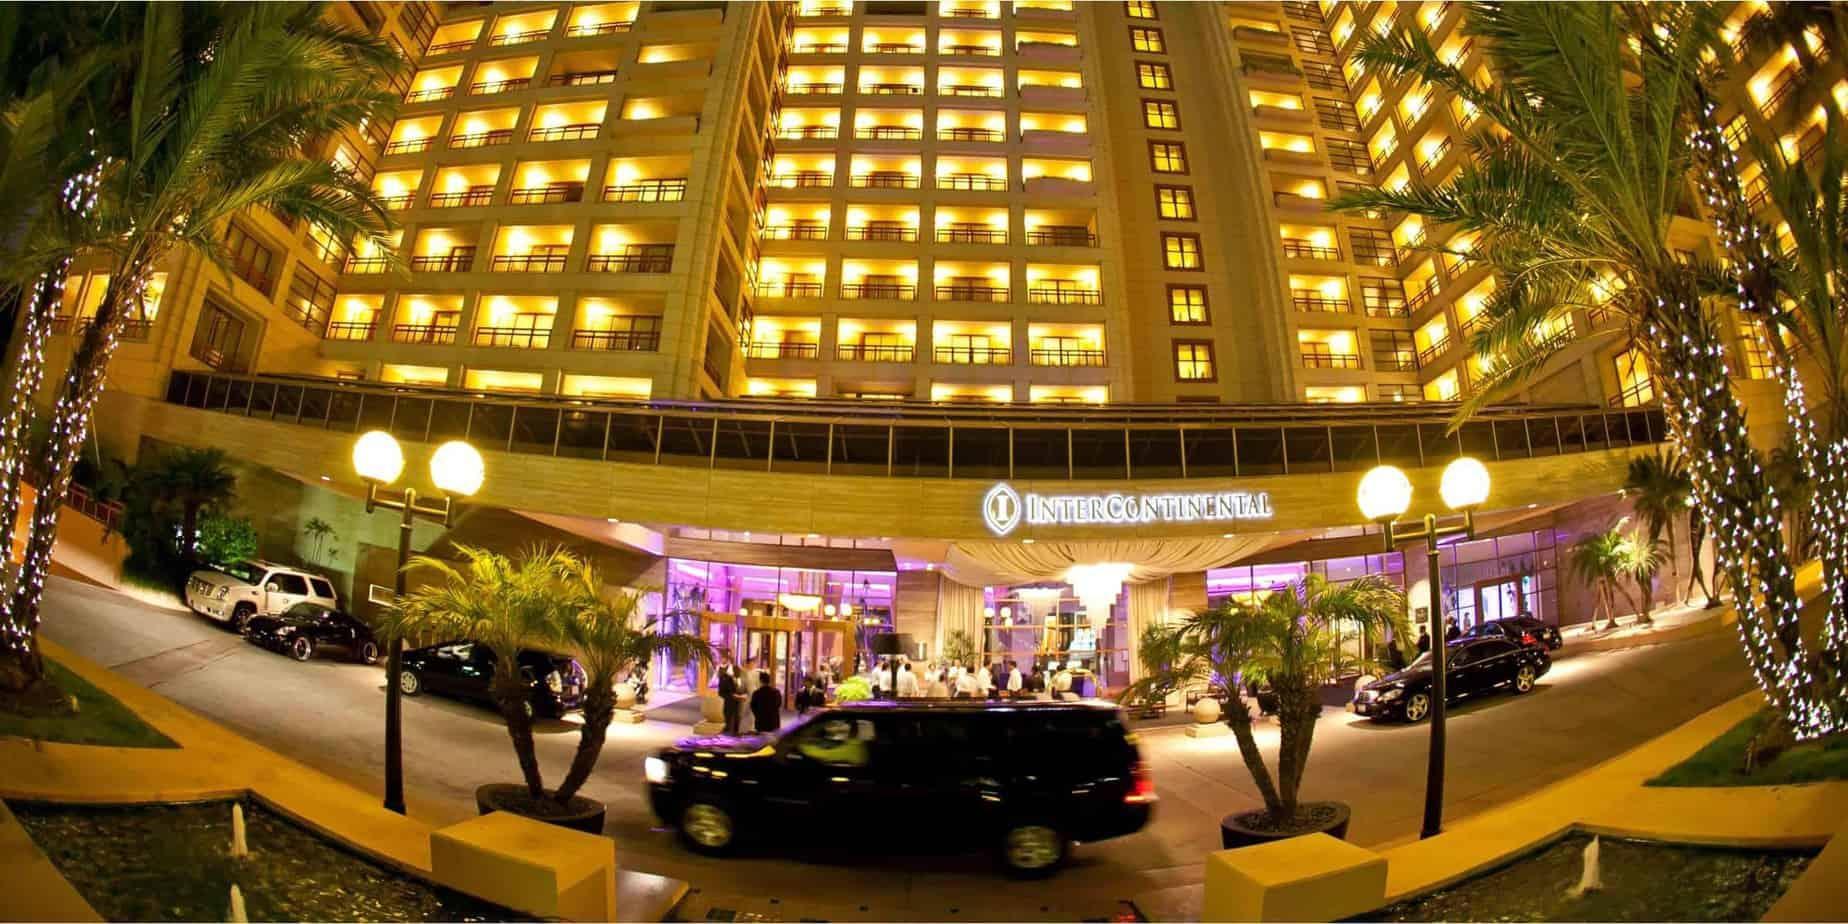 افضل 15 فندق في لوس انجلوس من المسافرون العرب